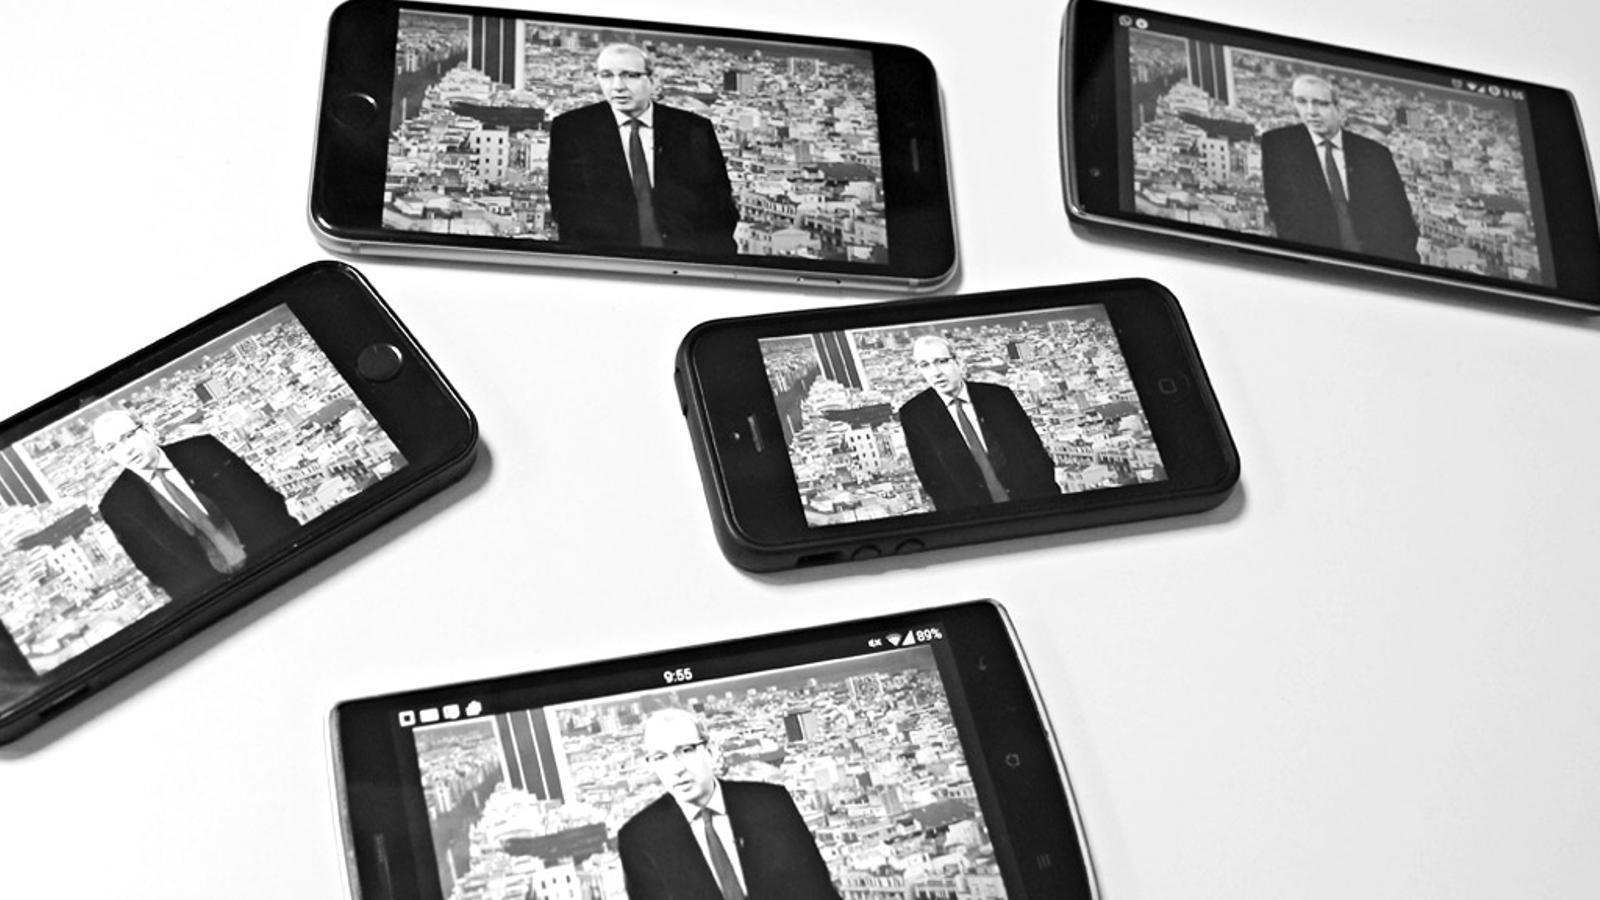 L'Editorial d'Antoni Bassas: 'Mobile: El metro ple de corbates, acreditacions i accents' (02/03/15)